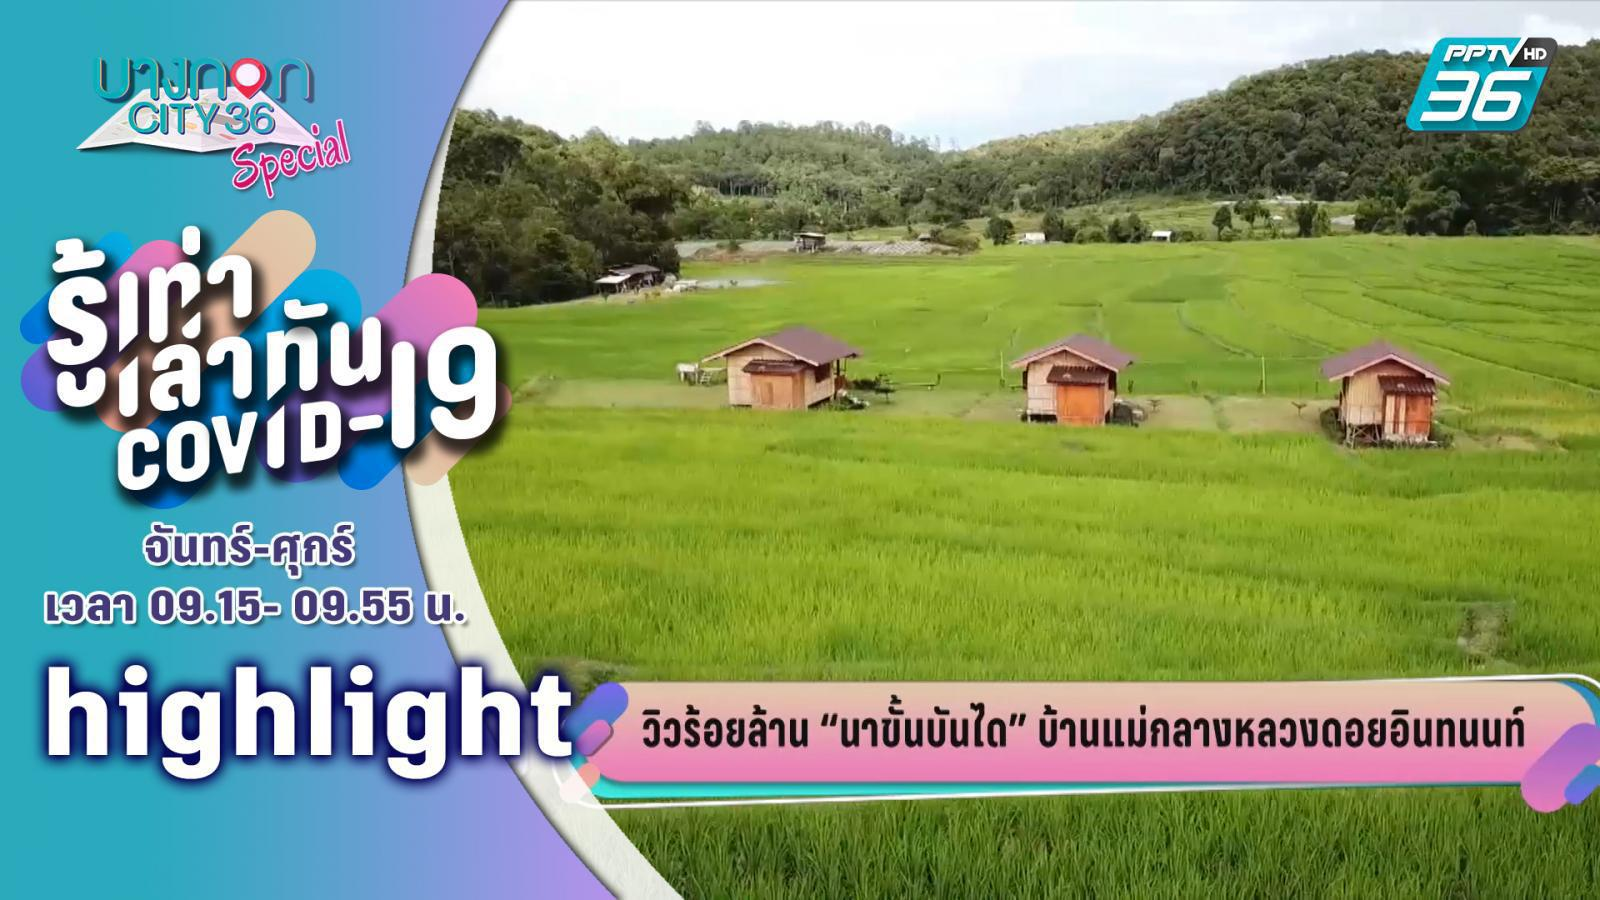 บางกอกซิตี้ เลขที่ 36 |  นาขั้นบันไดบ้านแม่กลางหลวงดอยอินทนนท์ พร้อมรับนักท่องเที่ยว  | PPTV HD 36